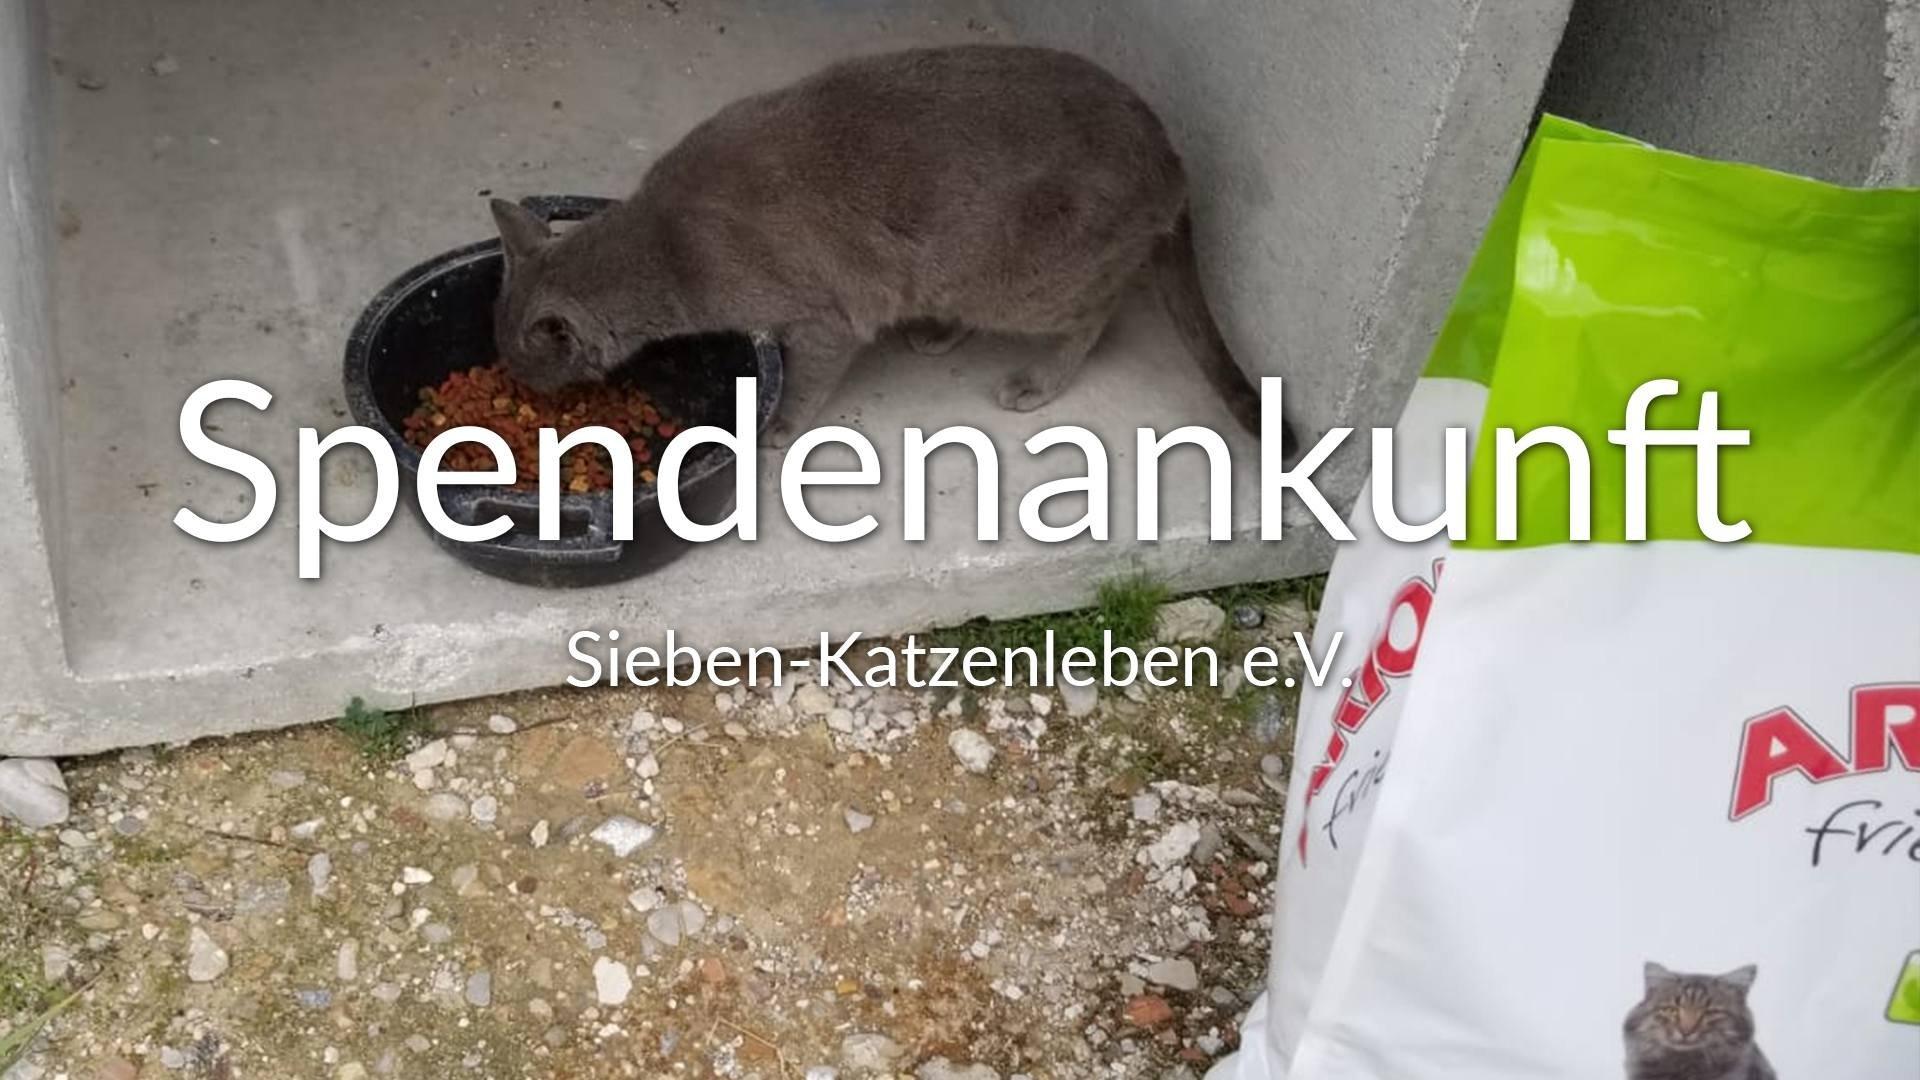 Sieben_Katzenleben_SM_2019_Thumbnail